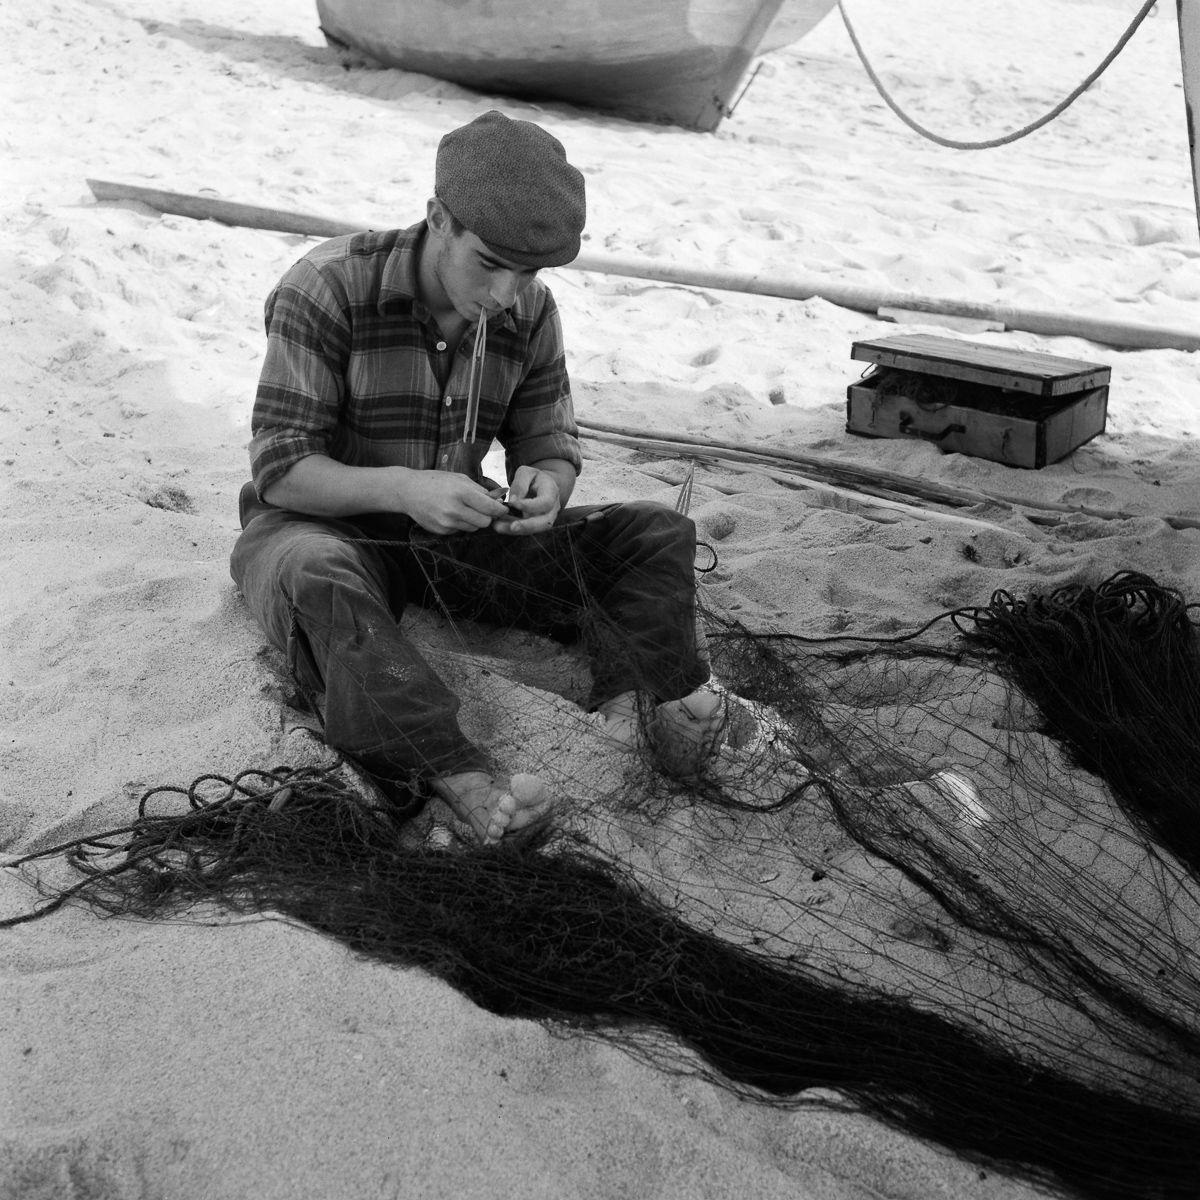 Fotografias deslumbrantes capturam a cultura da pesca dos anos 50 em Portugal 22